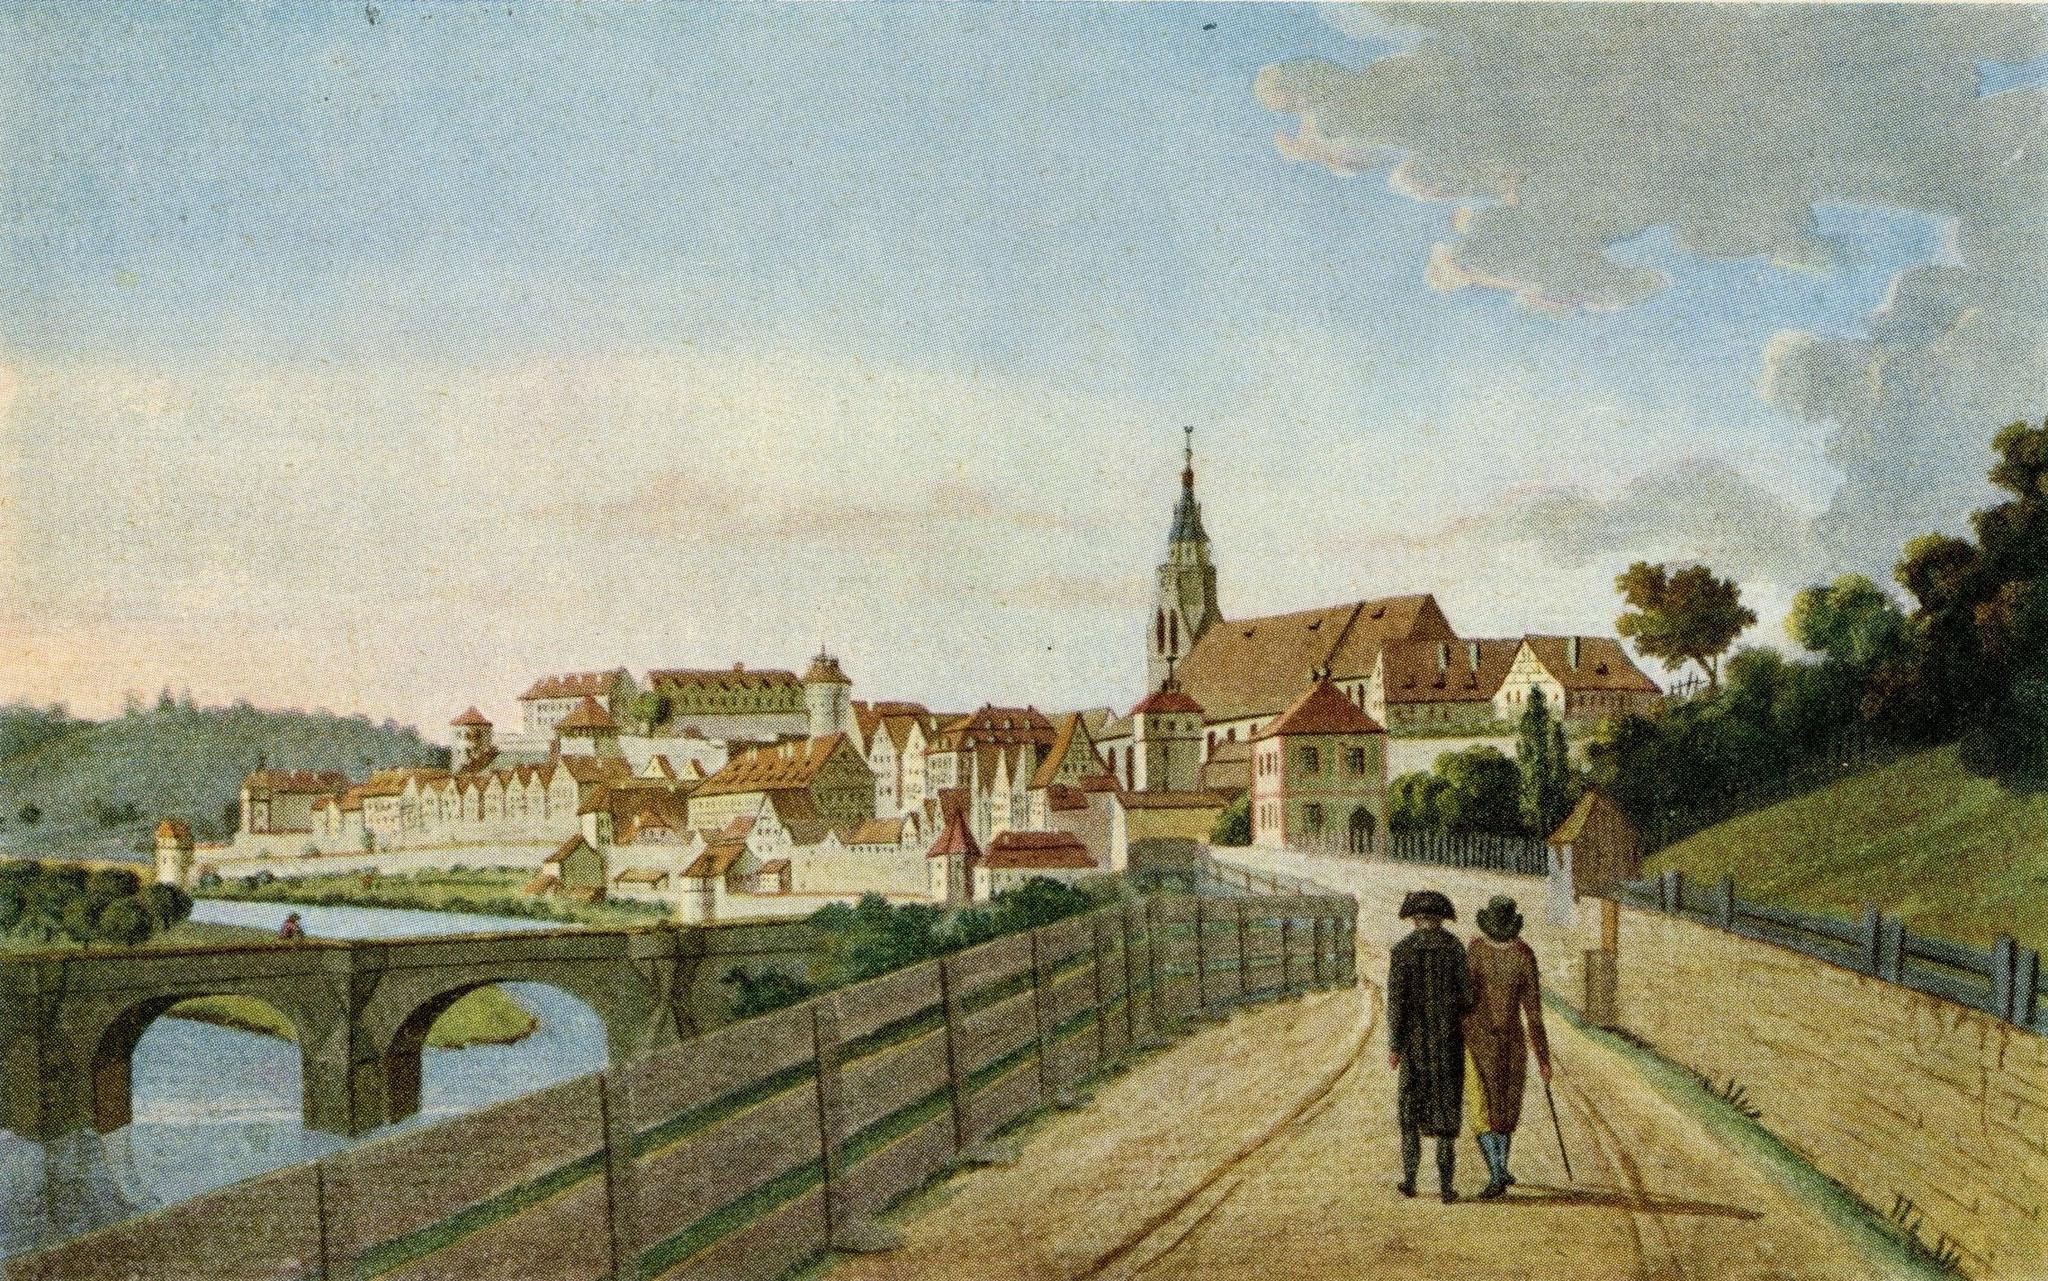 """Blick auf Tübingen aus der Gartenstraße um das Jahr 1790 (Johann Christian Partzschefeldt: """"Tübingen um 1790"""", Reproduktion). Bild: Stadtmuseum Tübingen, Inv.-Nr. 03294, © Stadtmuseum Tübingen."""